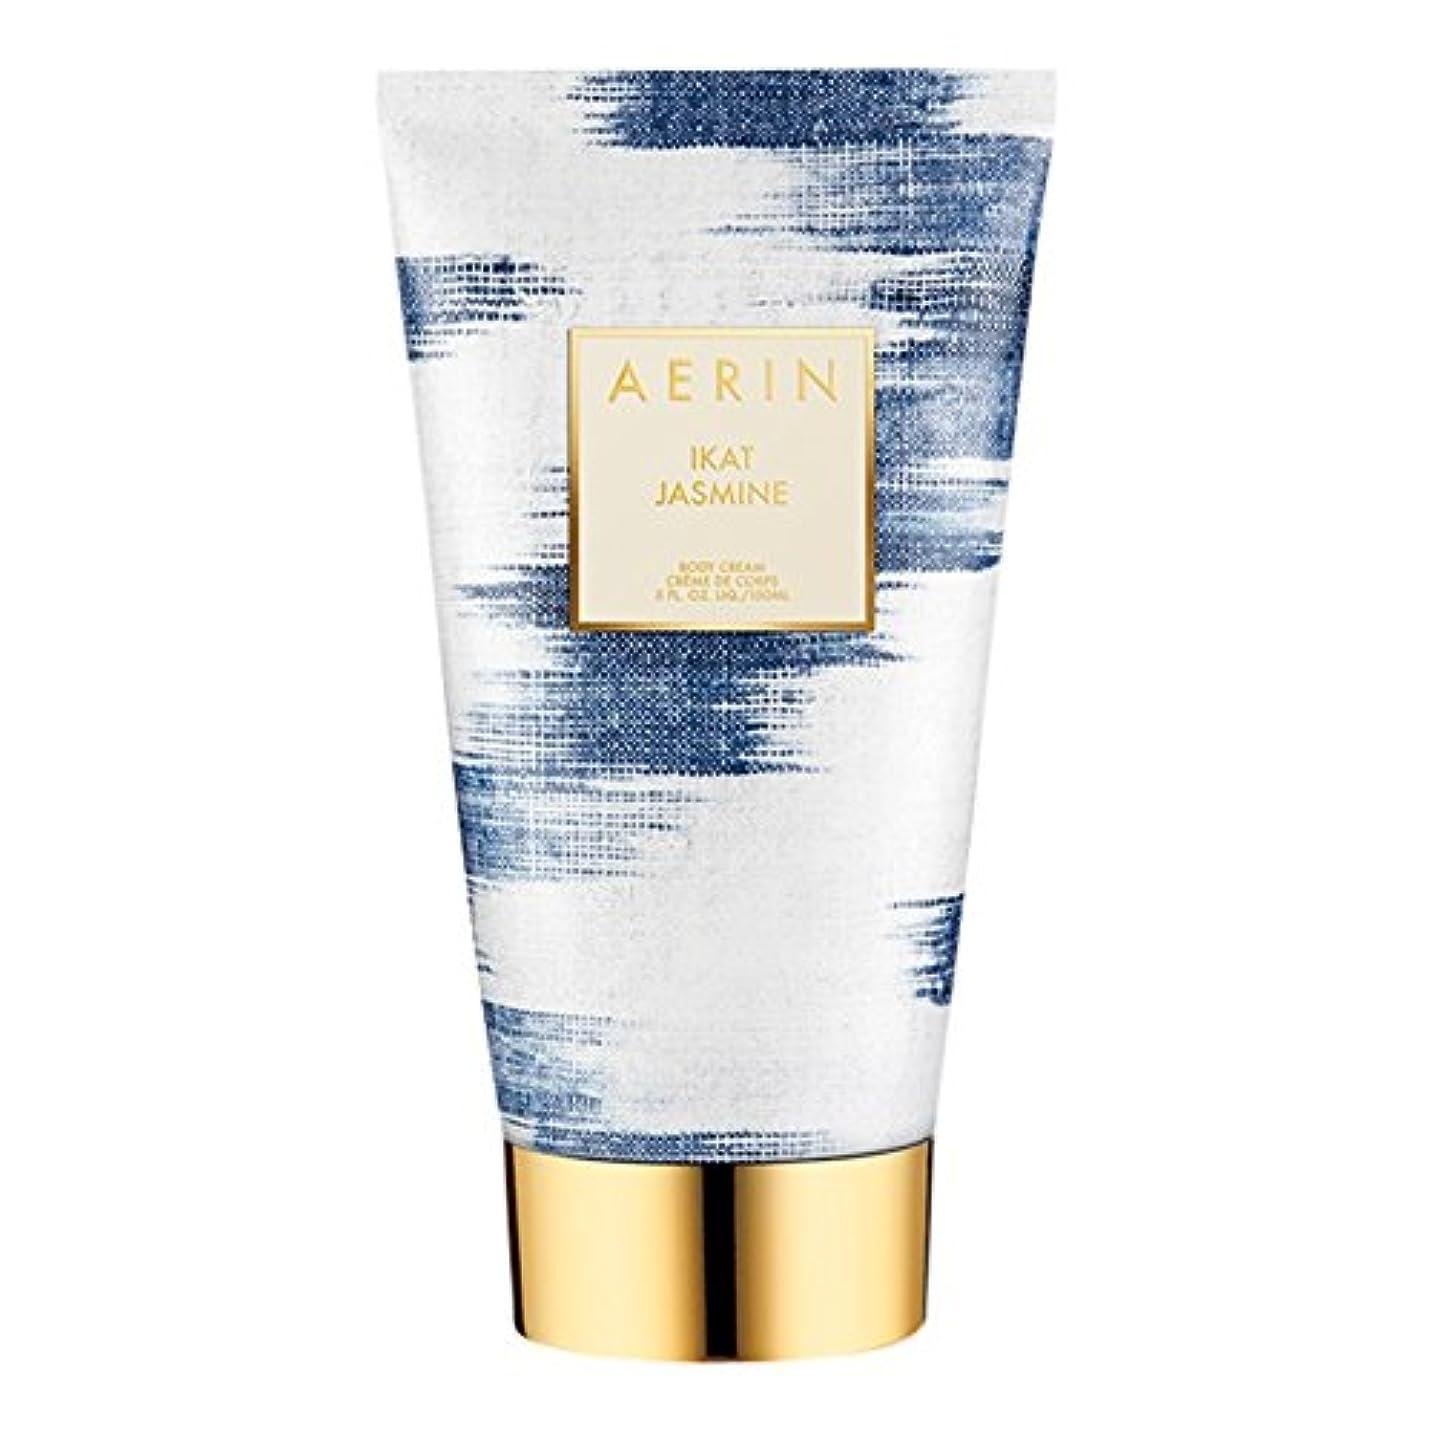 パースブラックボロウ頻繁に欲しいですAerinイカットジャスミンボディクリーム150ミリリットル (AERIN) (x2) - AERIN Ikat Jasmine Body Cream 150ml (Pack of 2) [並行輸入品]